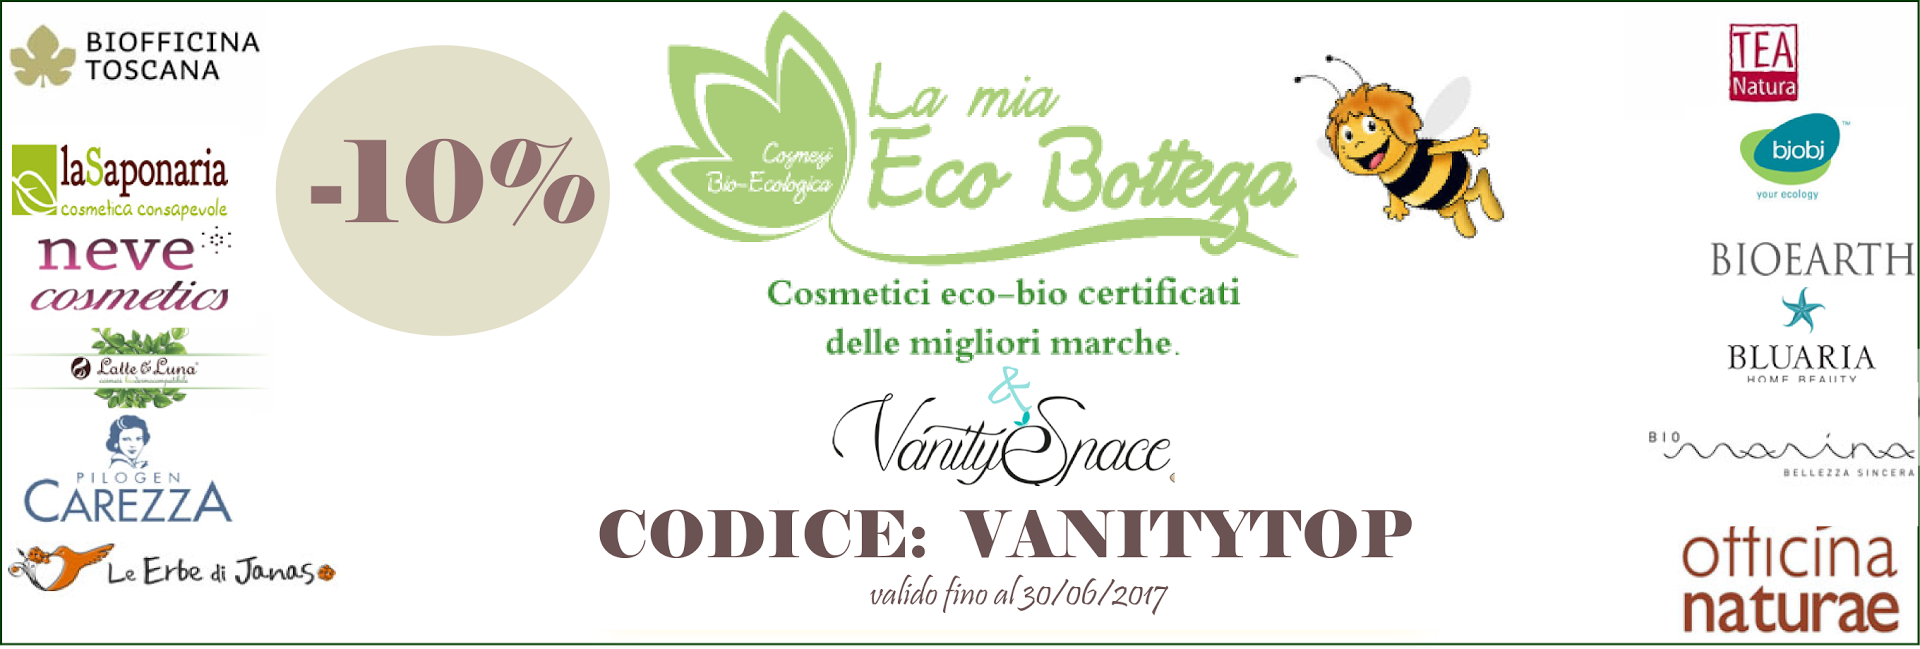 eco-bio-bottega